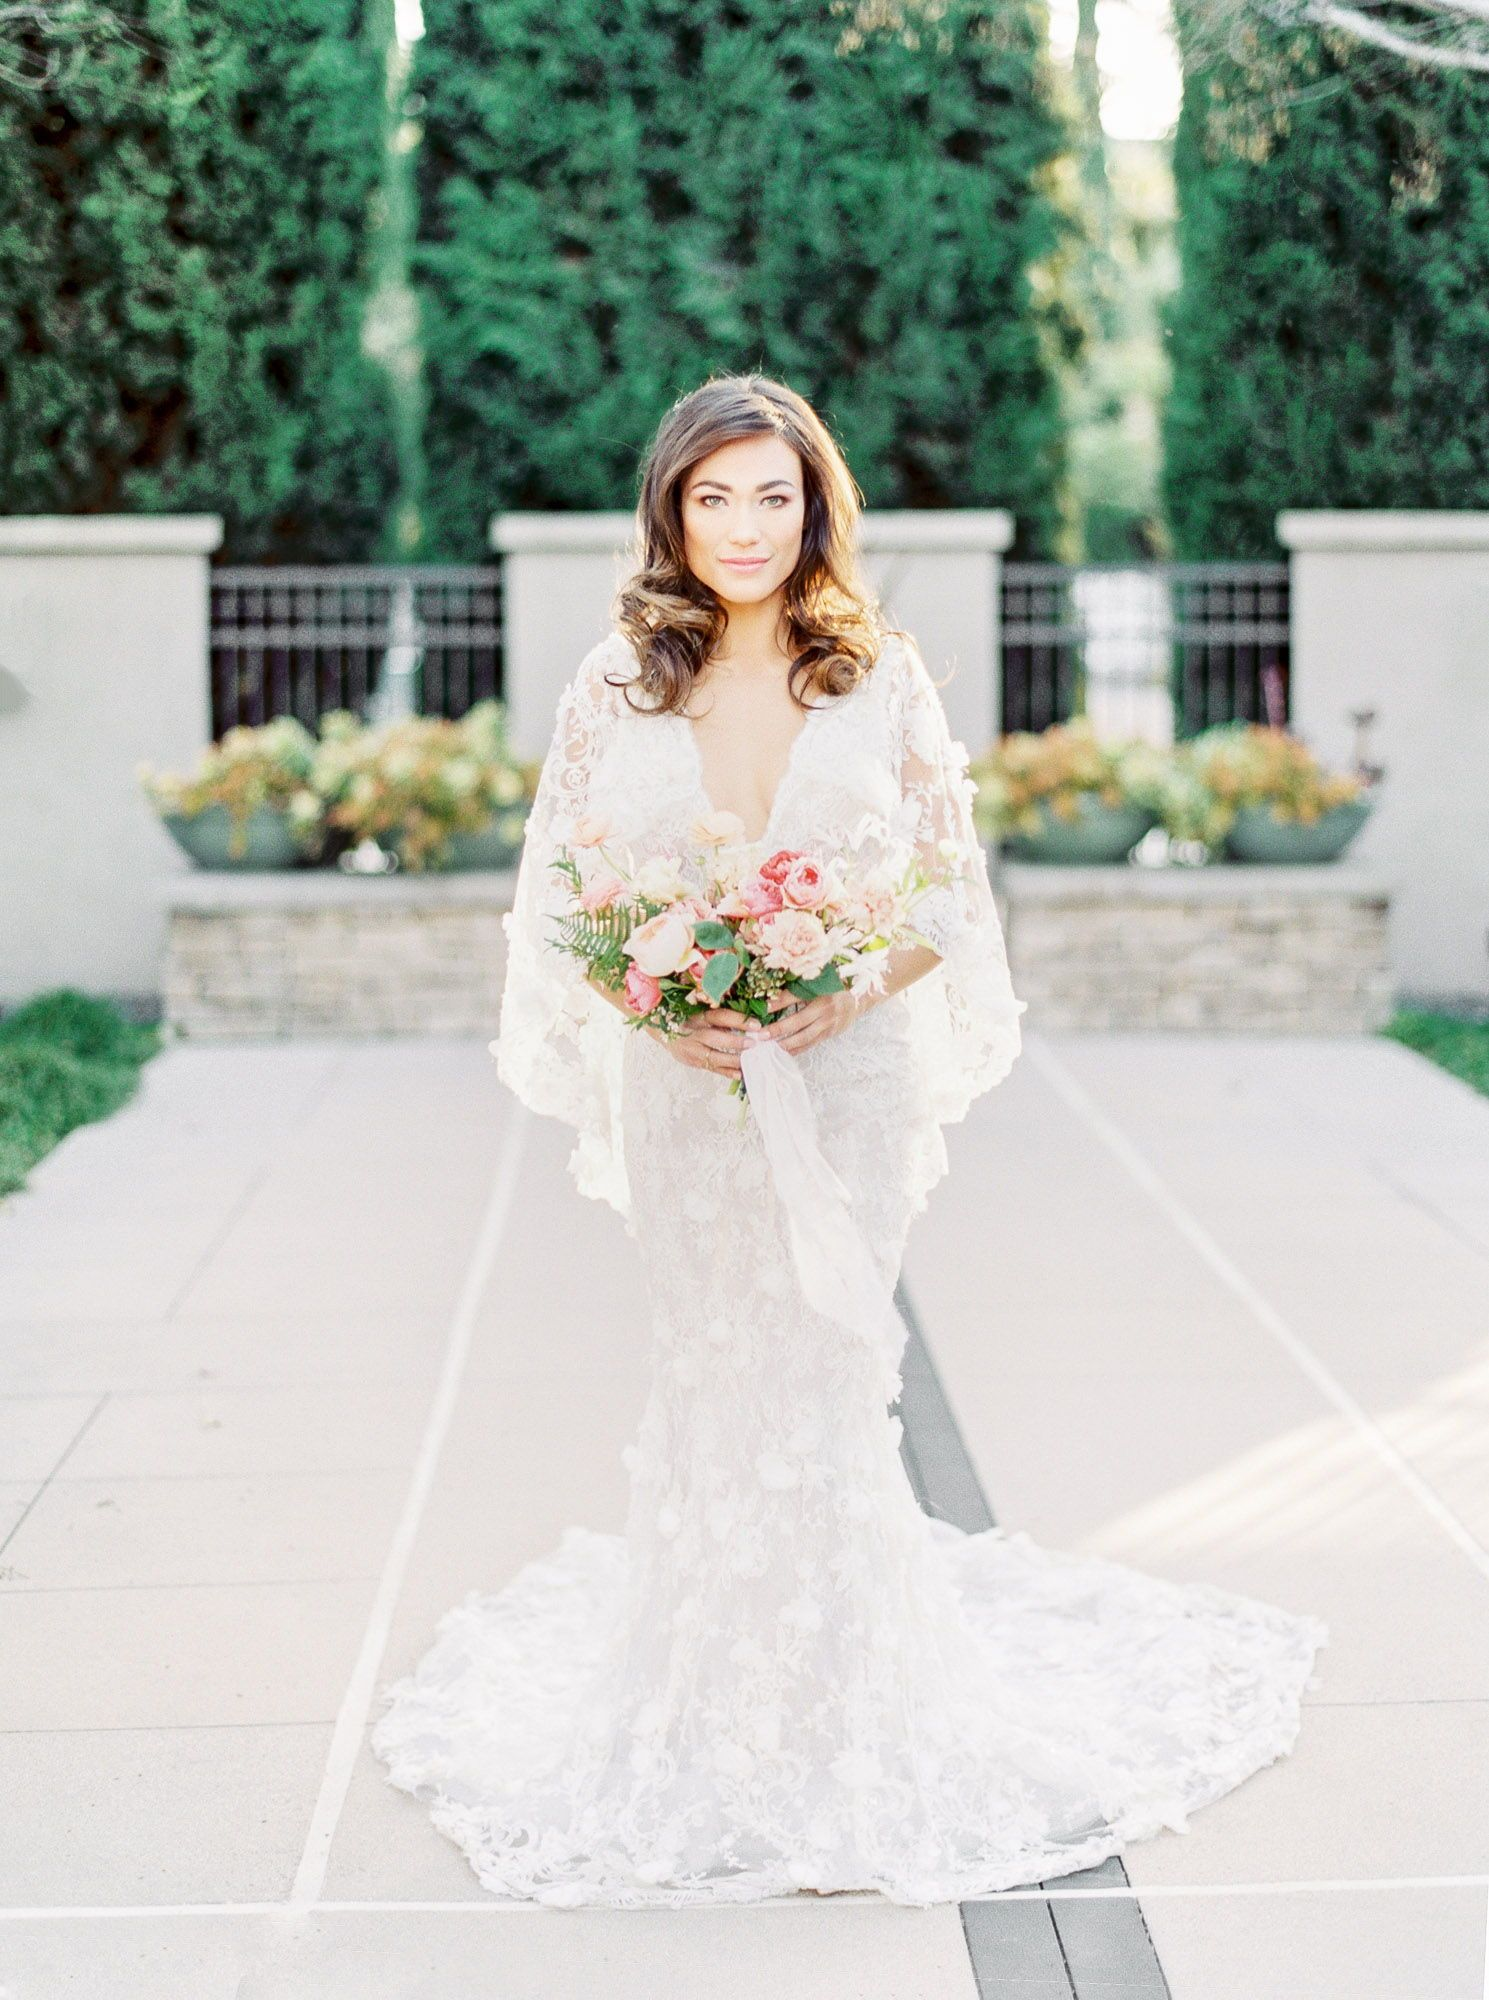 San Diego Bridal Portraits With A Marchesa Gown On Film Bridal